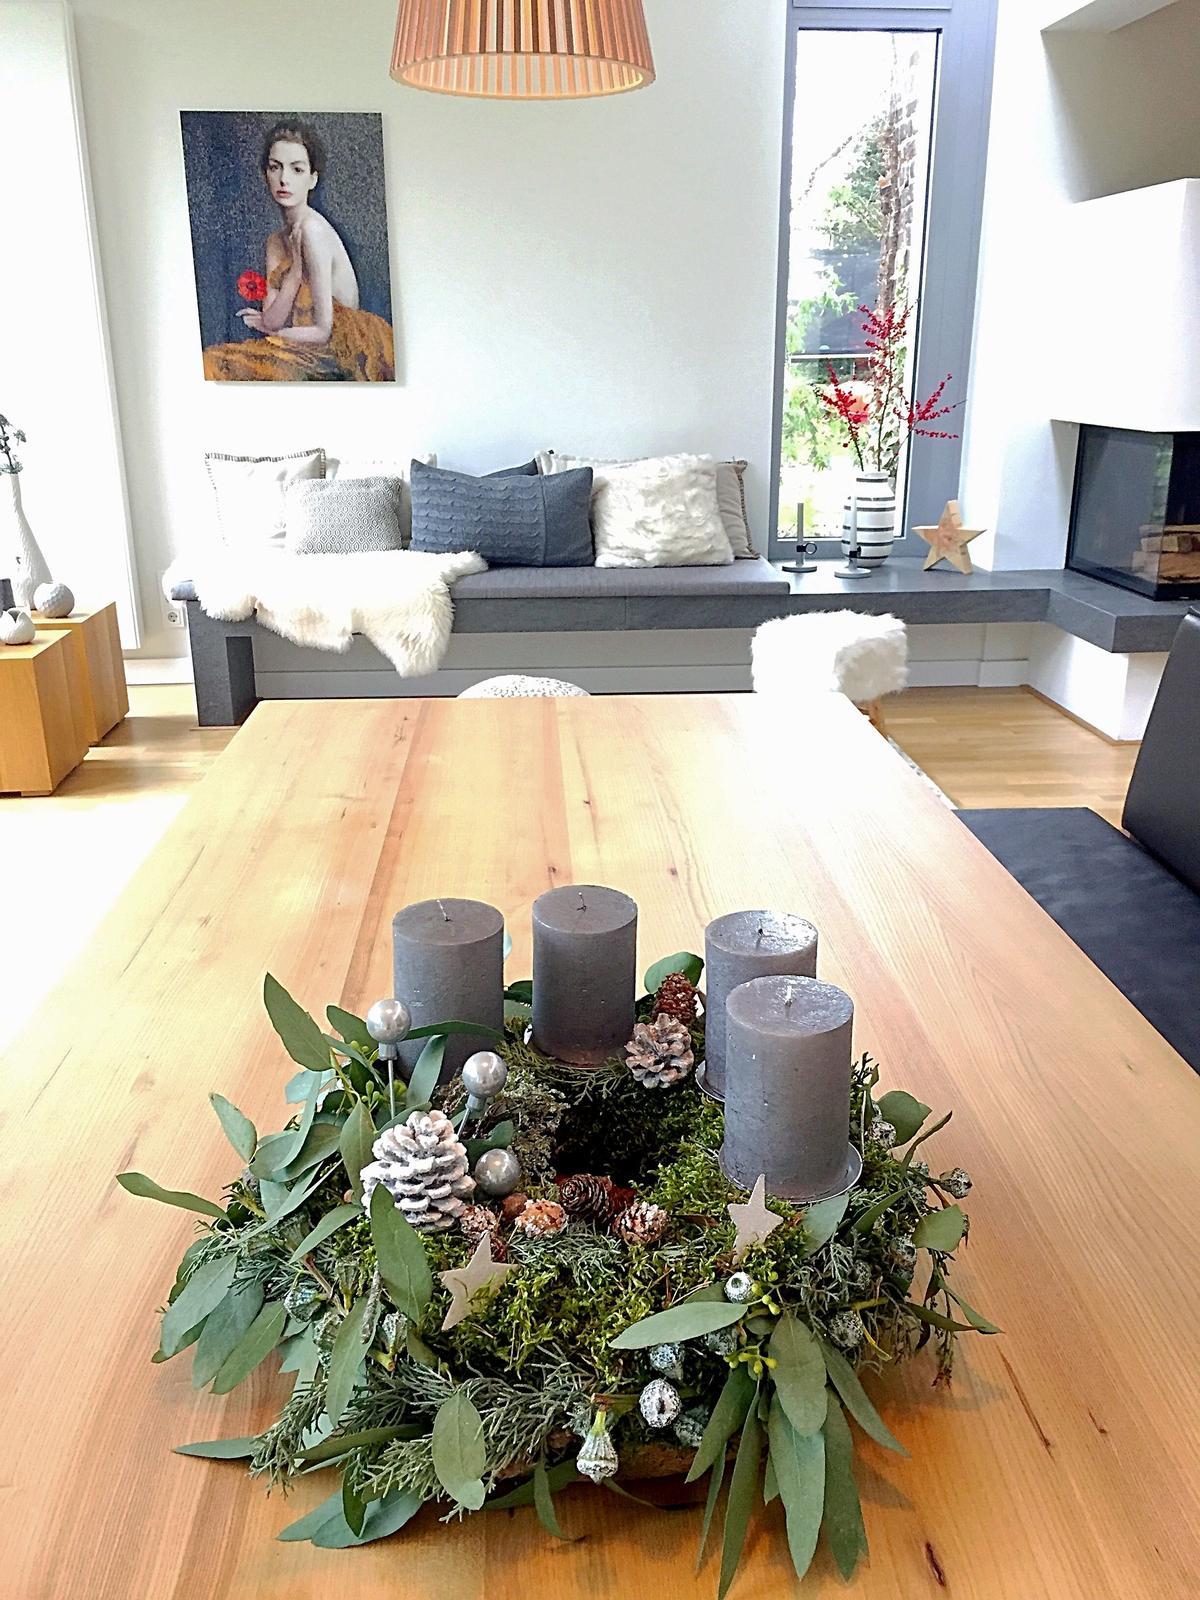 Vianoce bez gýču a trblietok - Obrázok č. 5